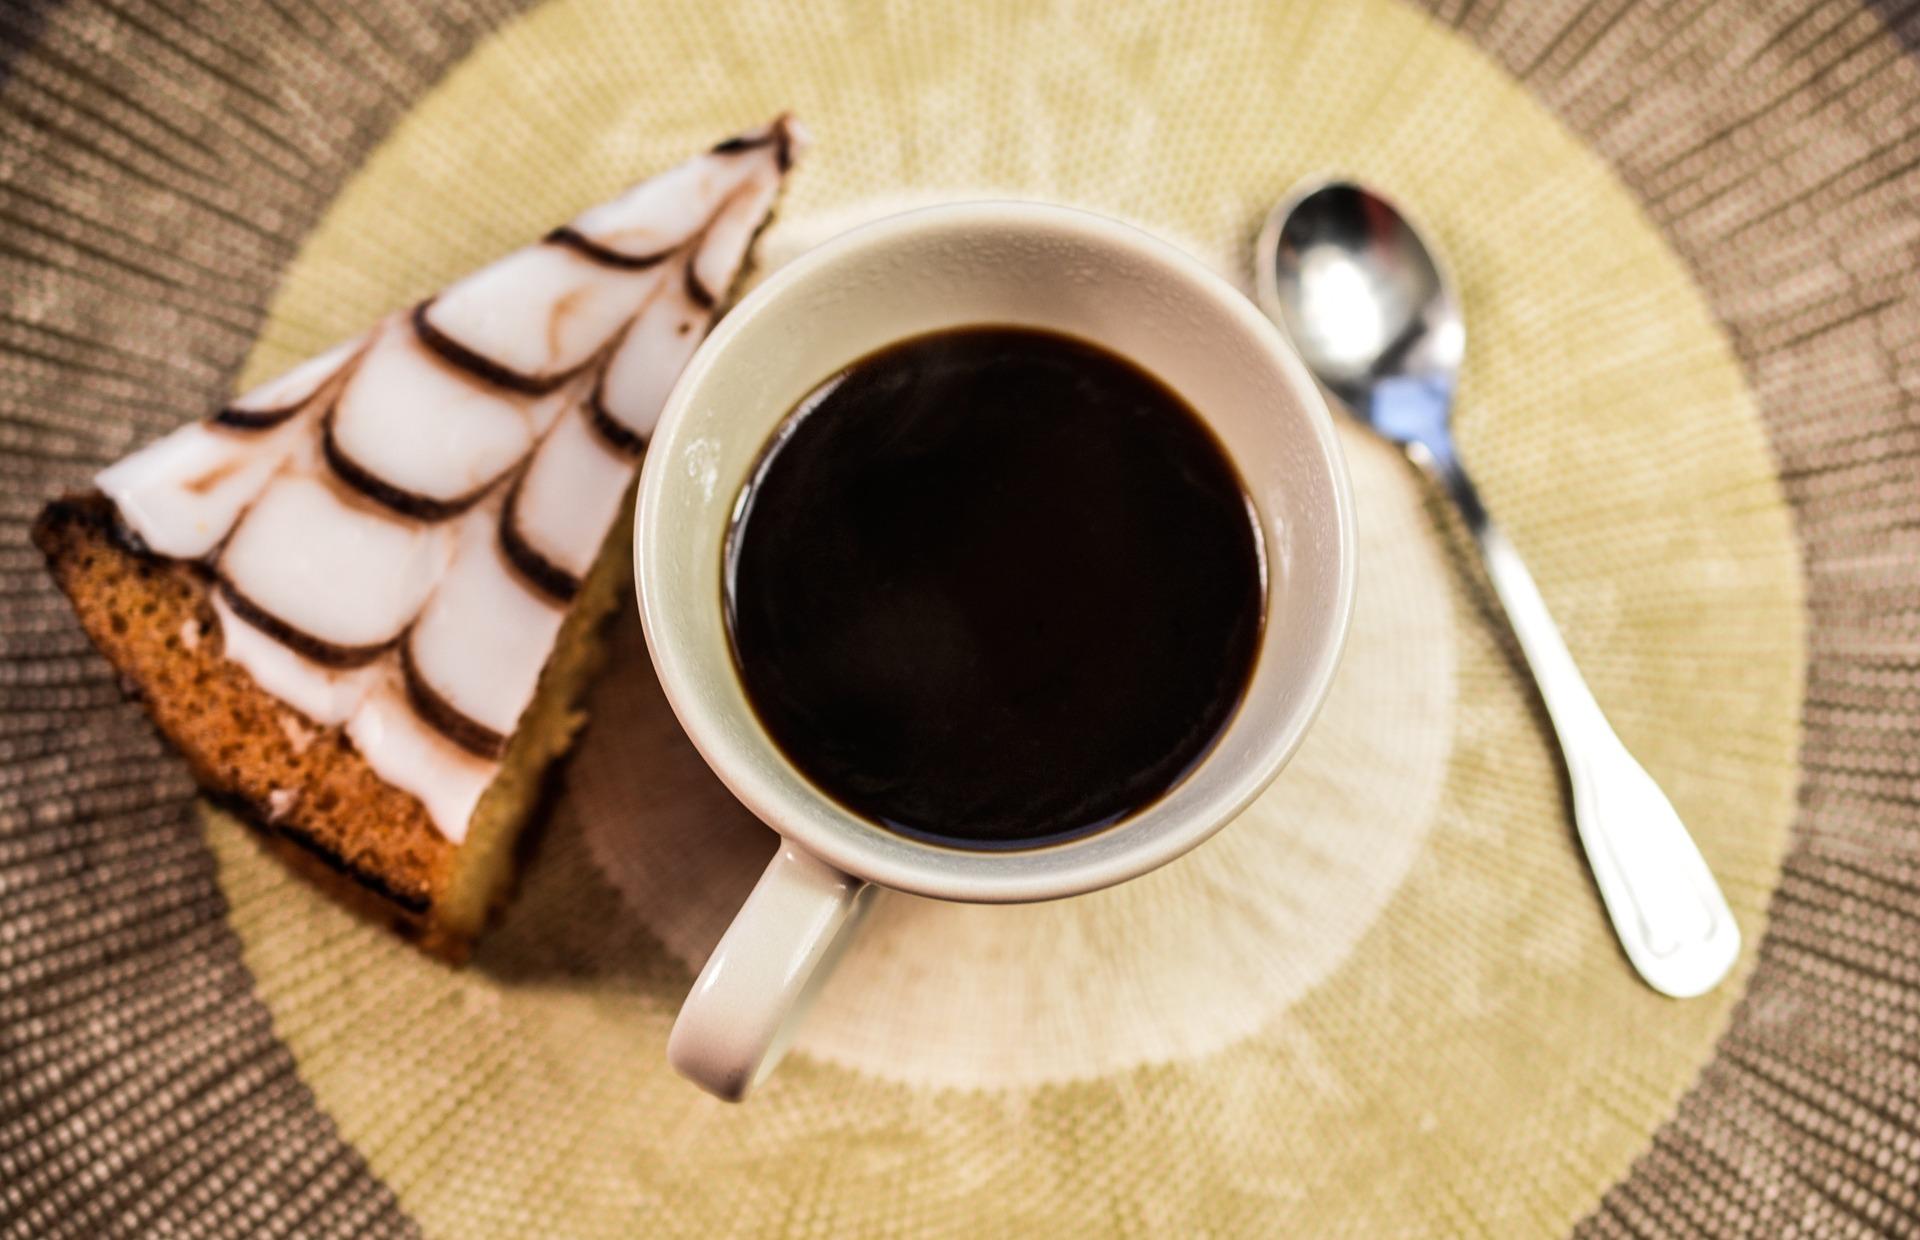 Darmowe danie, kawa, deser? Poznańskie restauracje zachęcają do krwiodawstwa